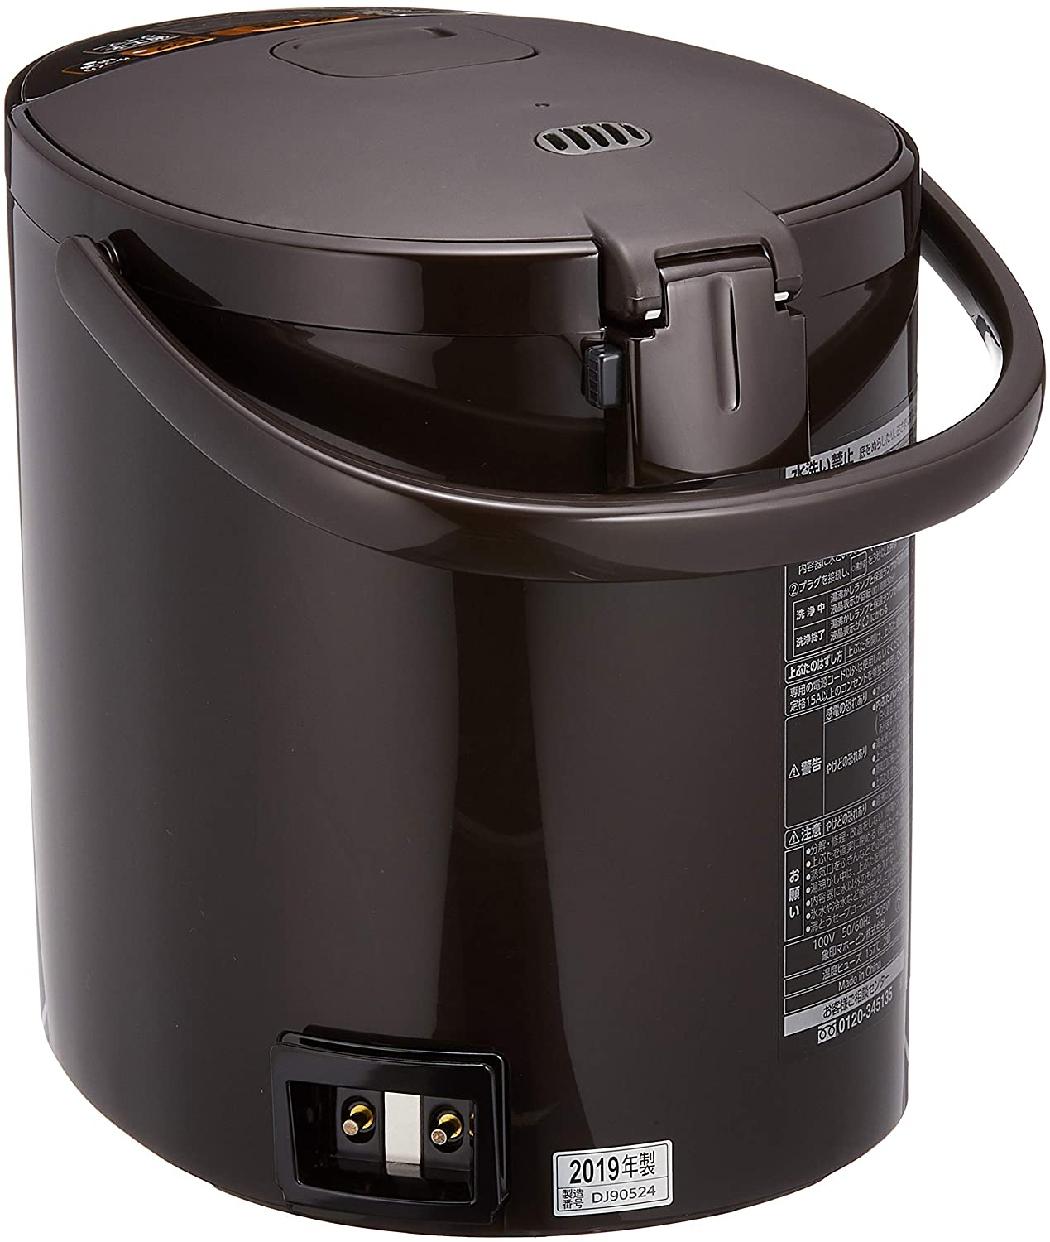 象印(ぞうじるし)マイコン沸とうVE電気まほうびん 優湯生 CV-GA22の商品画像2